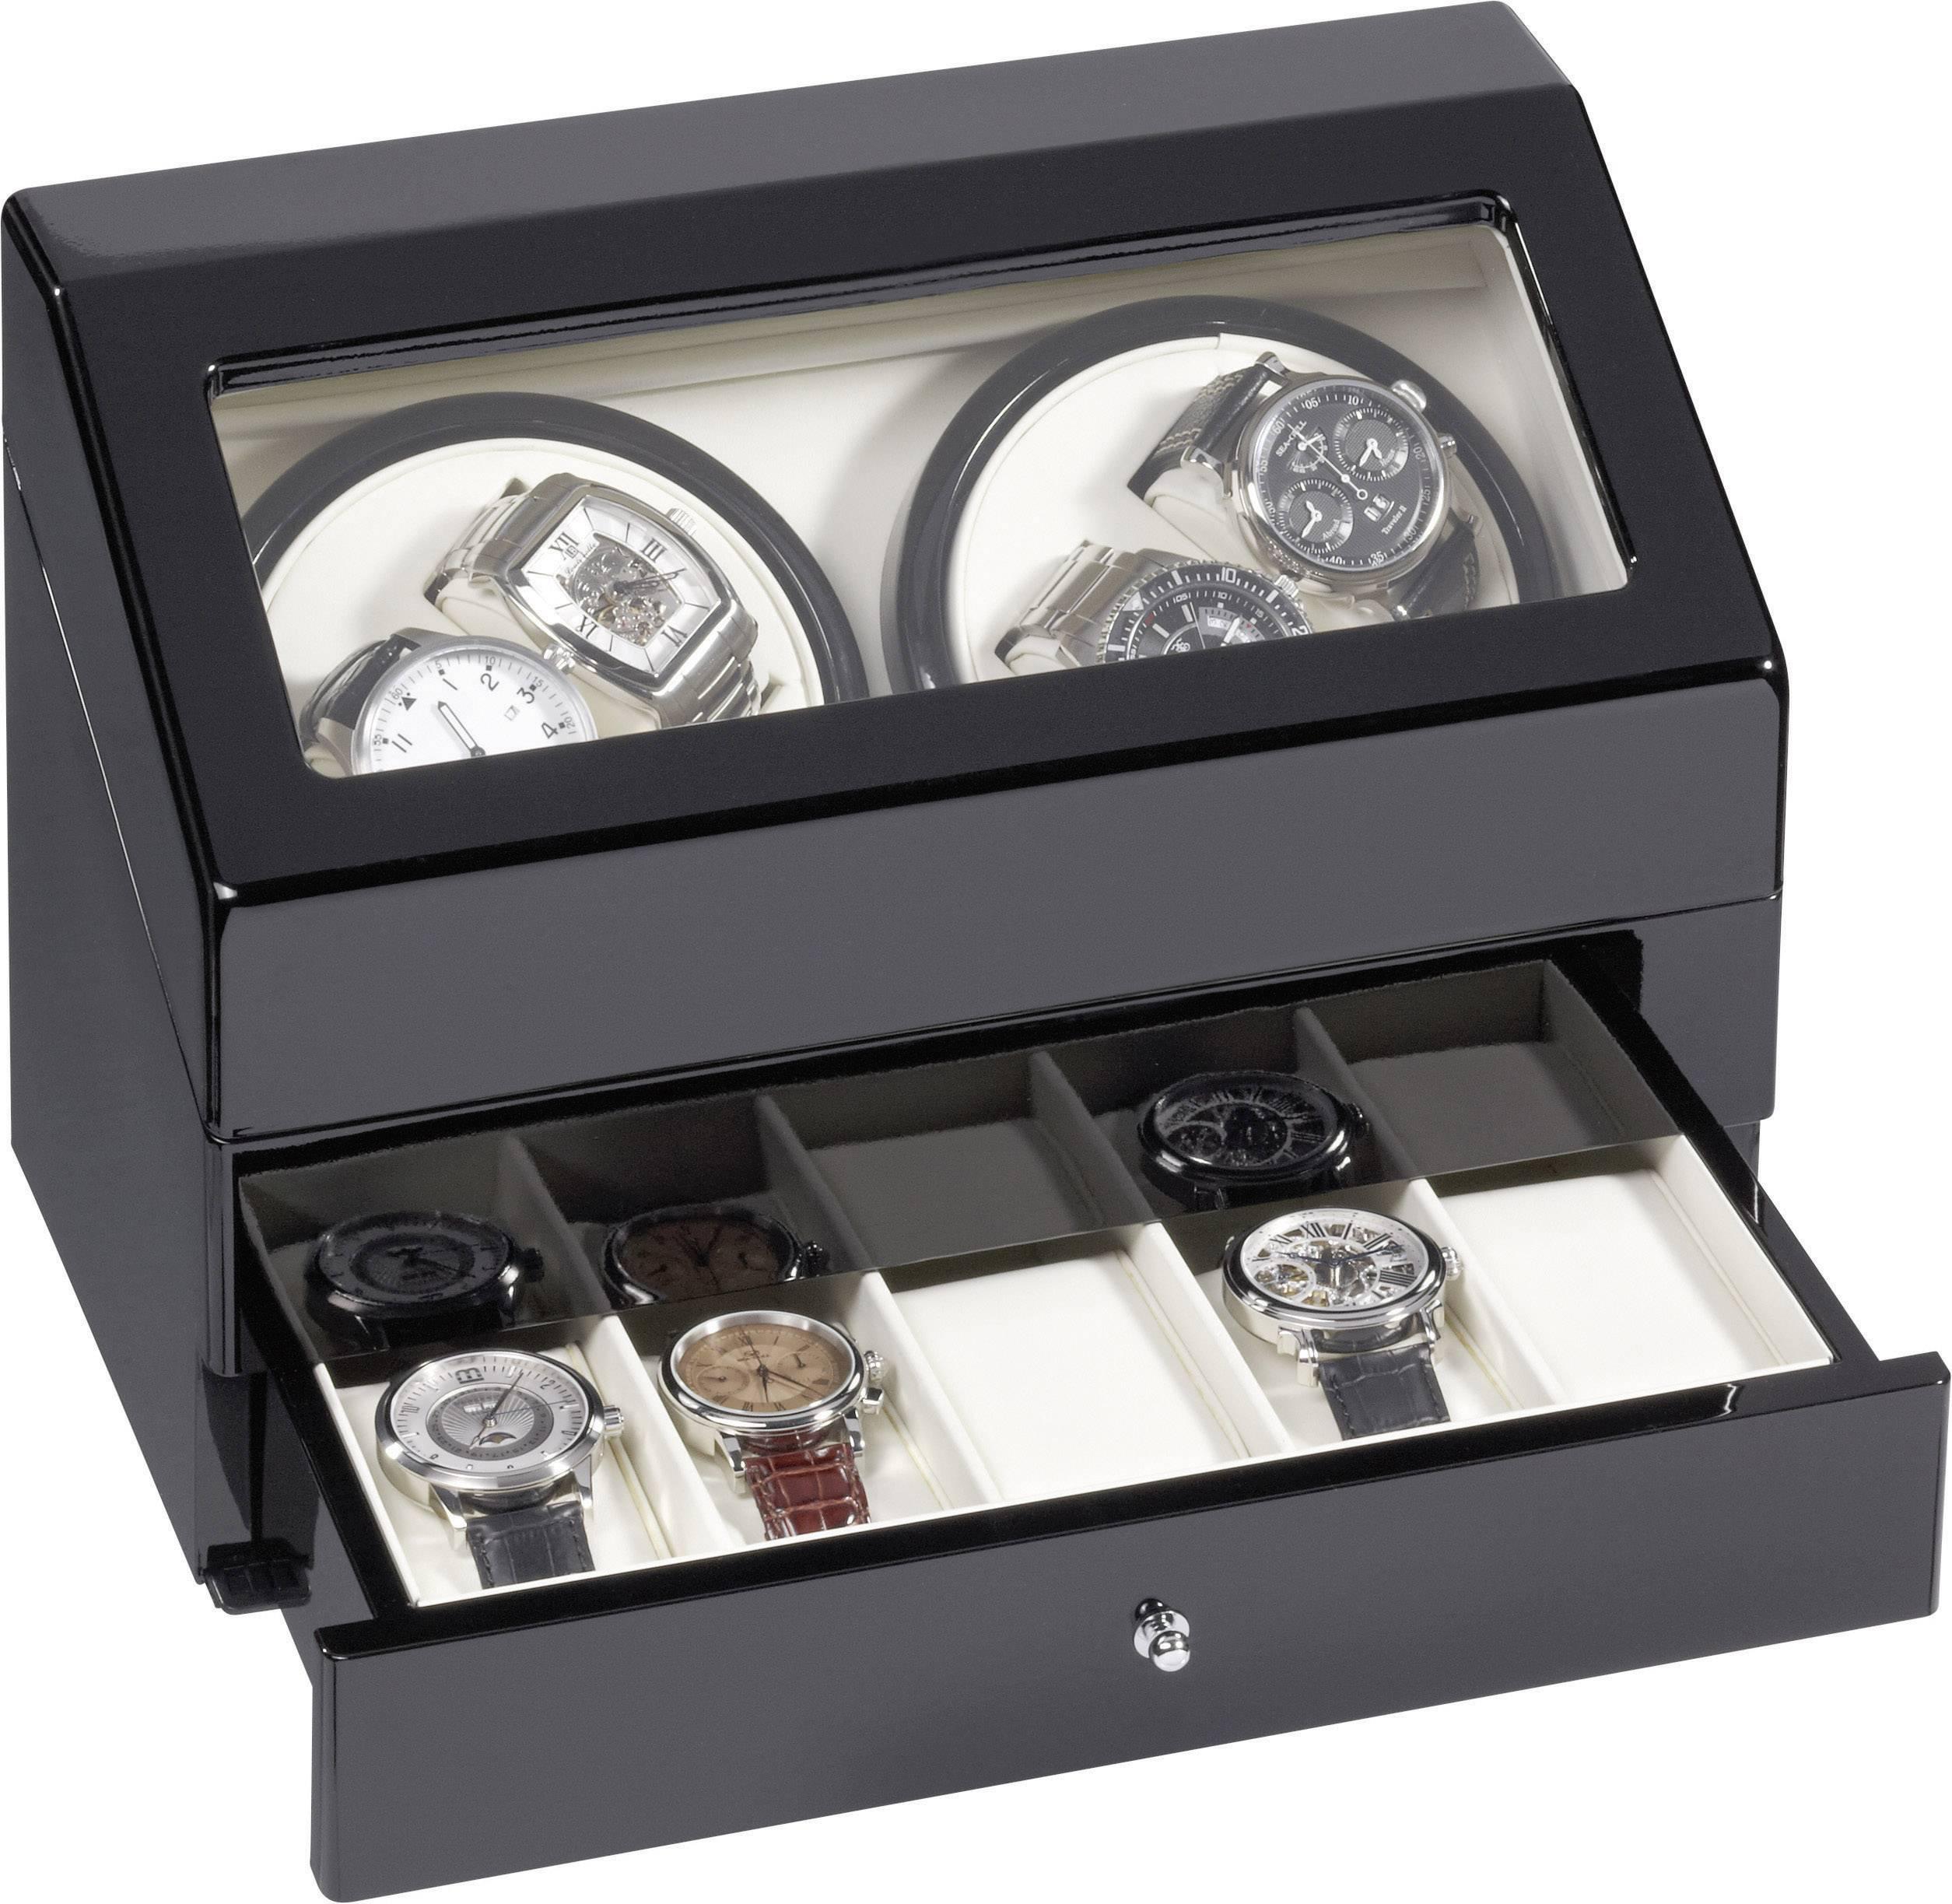 Stojan s natahovačem hodinek Eurochron KA074 vhodný pro 4 hodinky